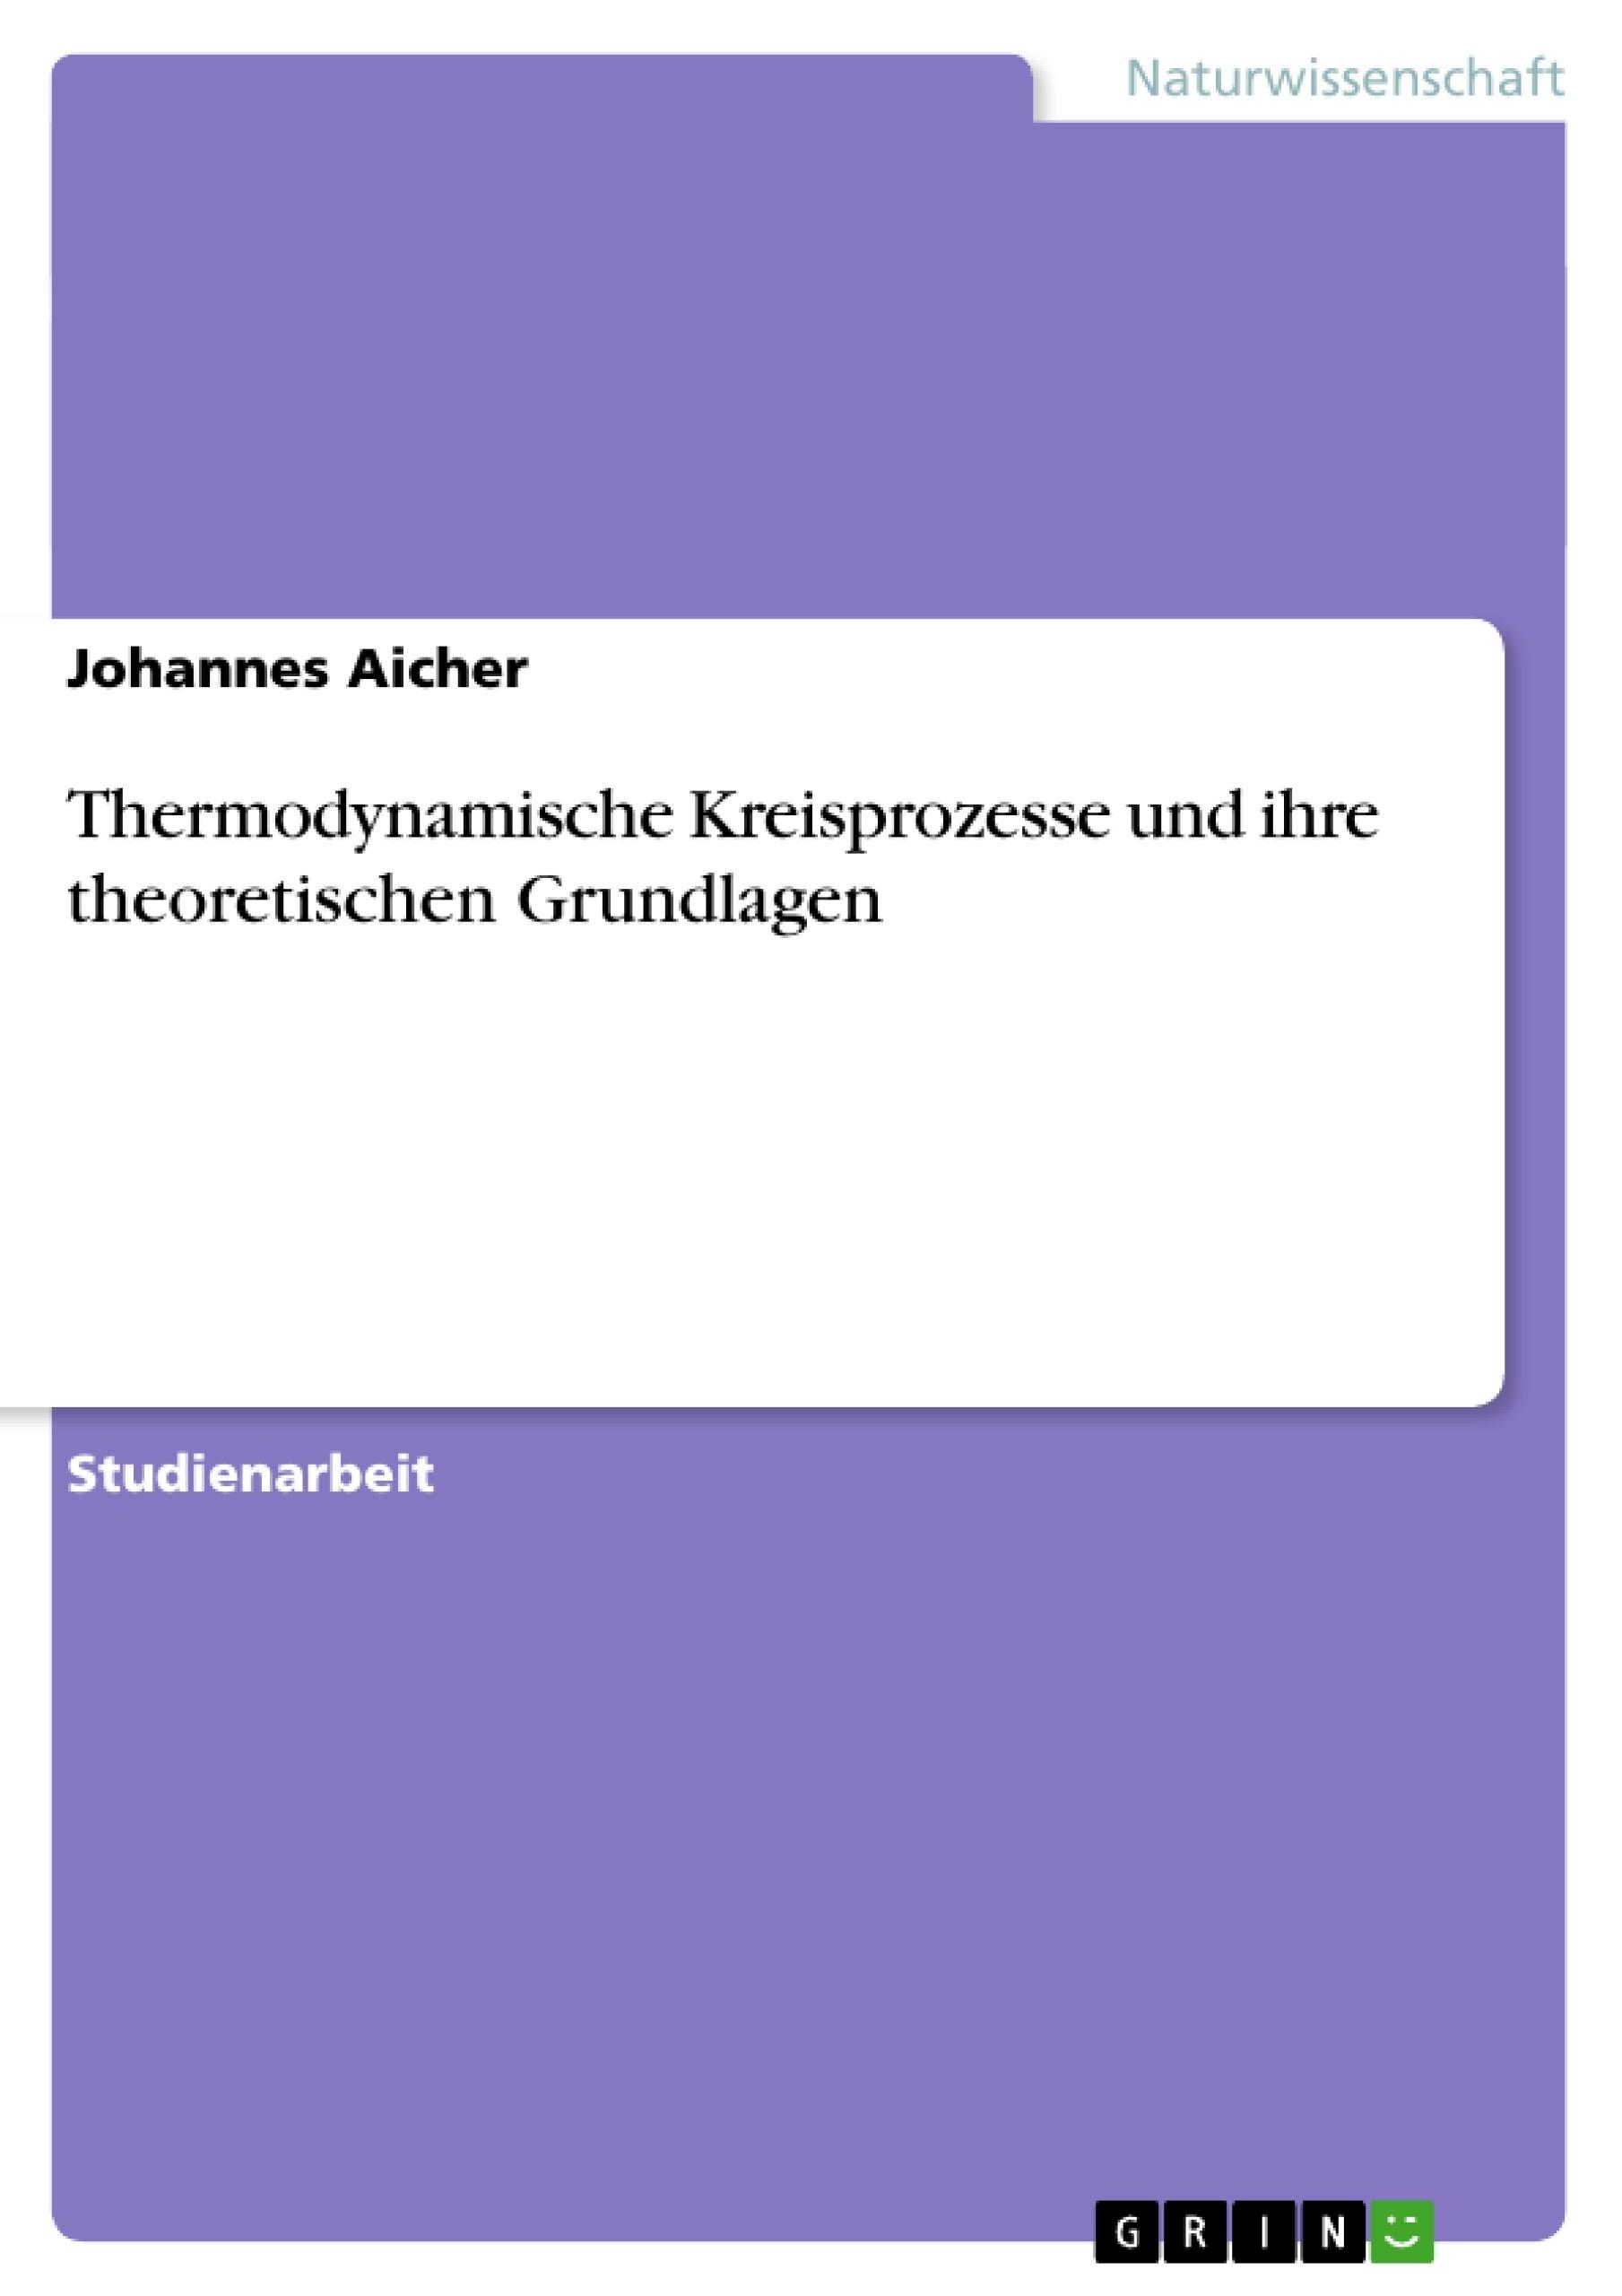 Titel: Thermodynamische Kreisprozesse und ihre theoretischen Grundlagen